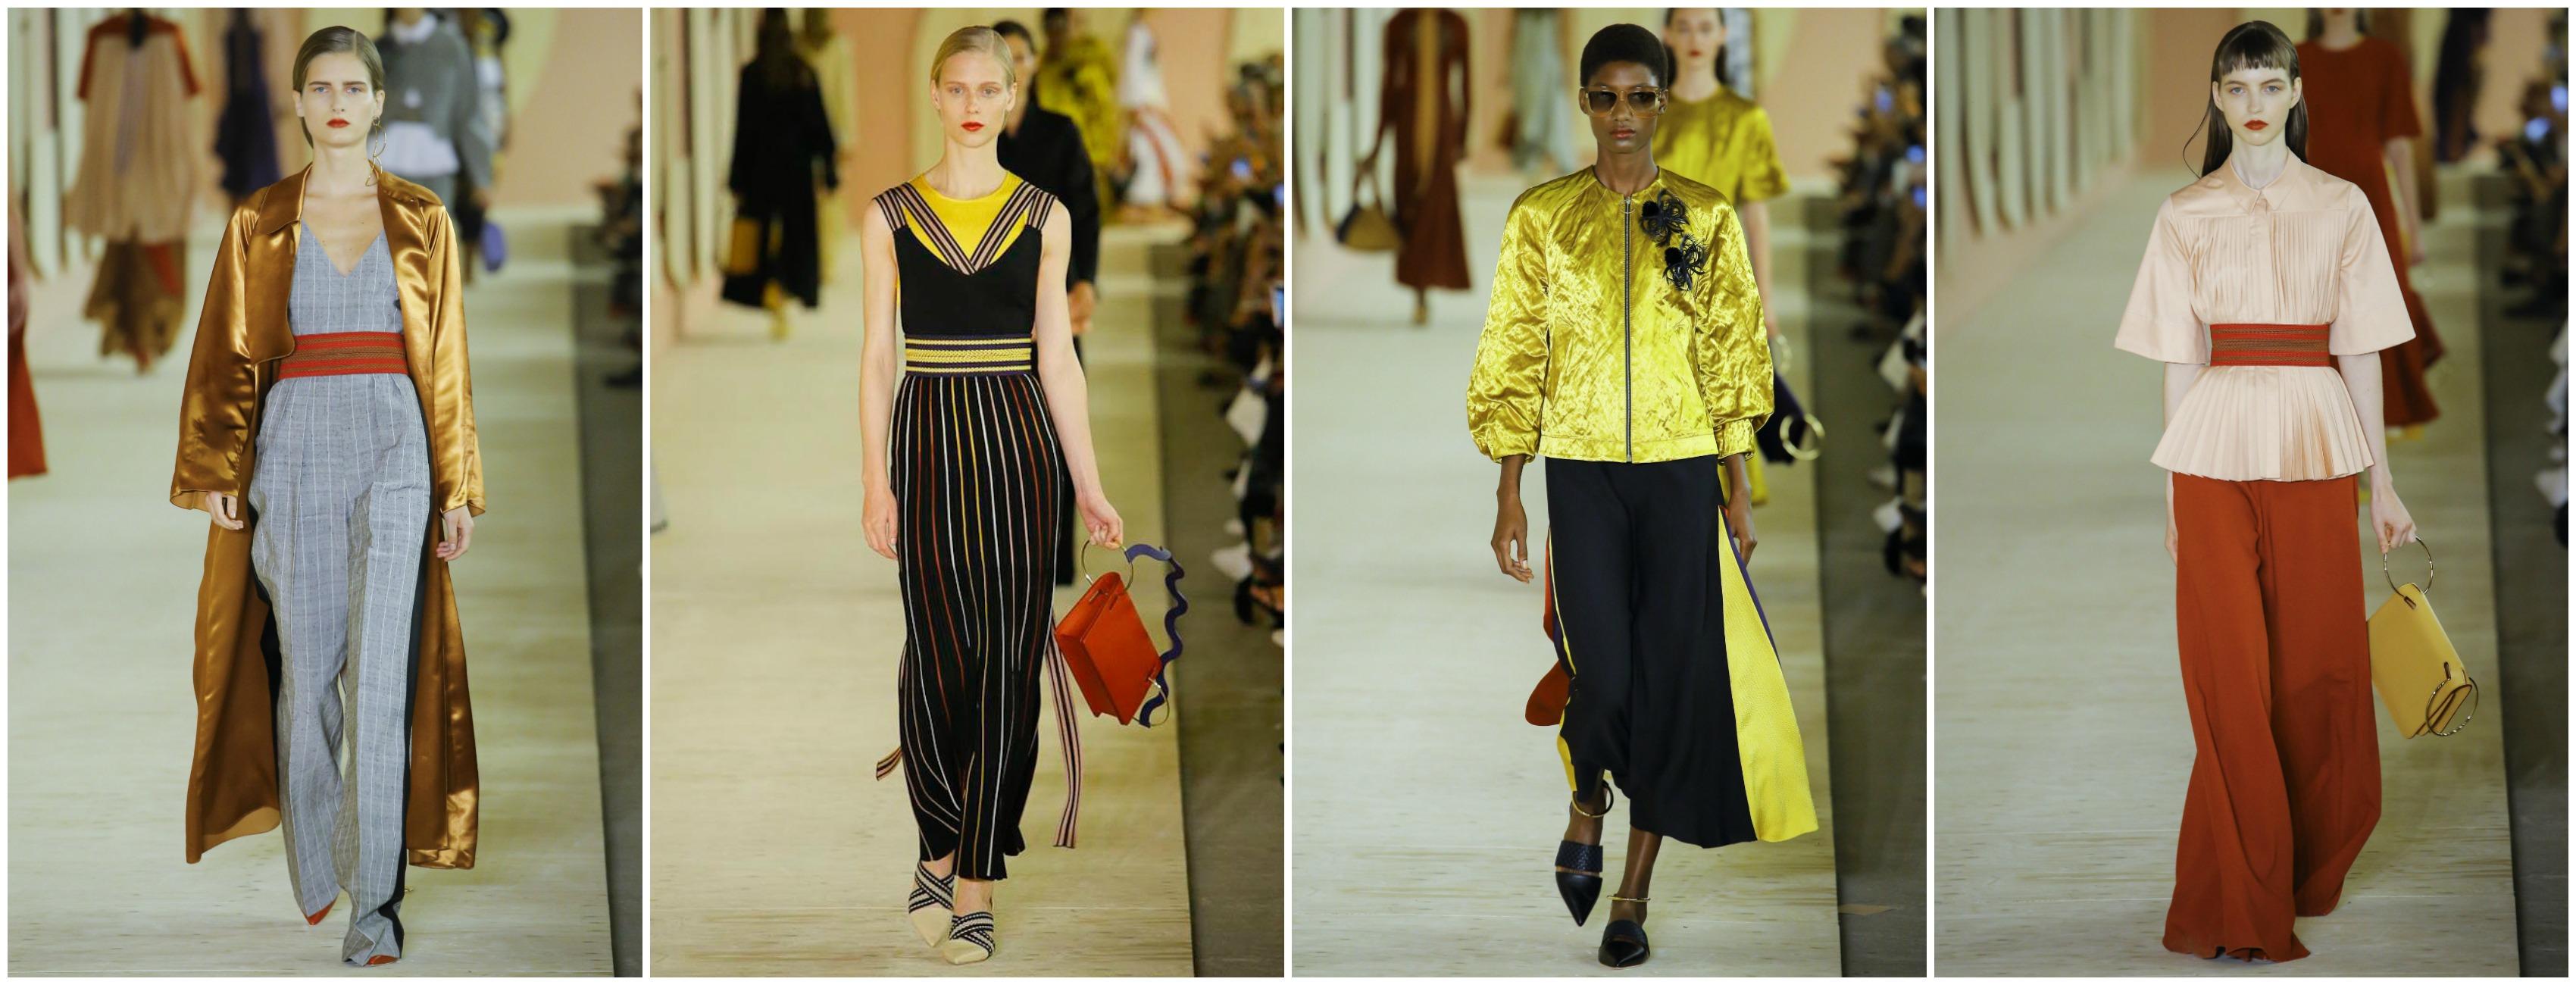 london fashion week id couture styling roksanda 2016